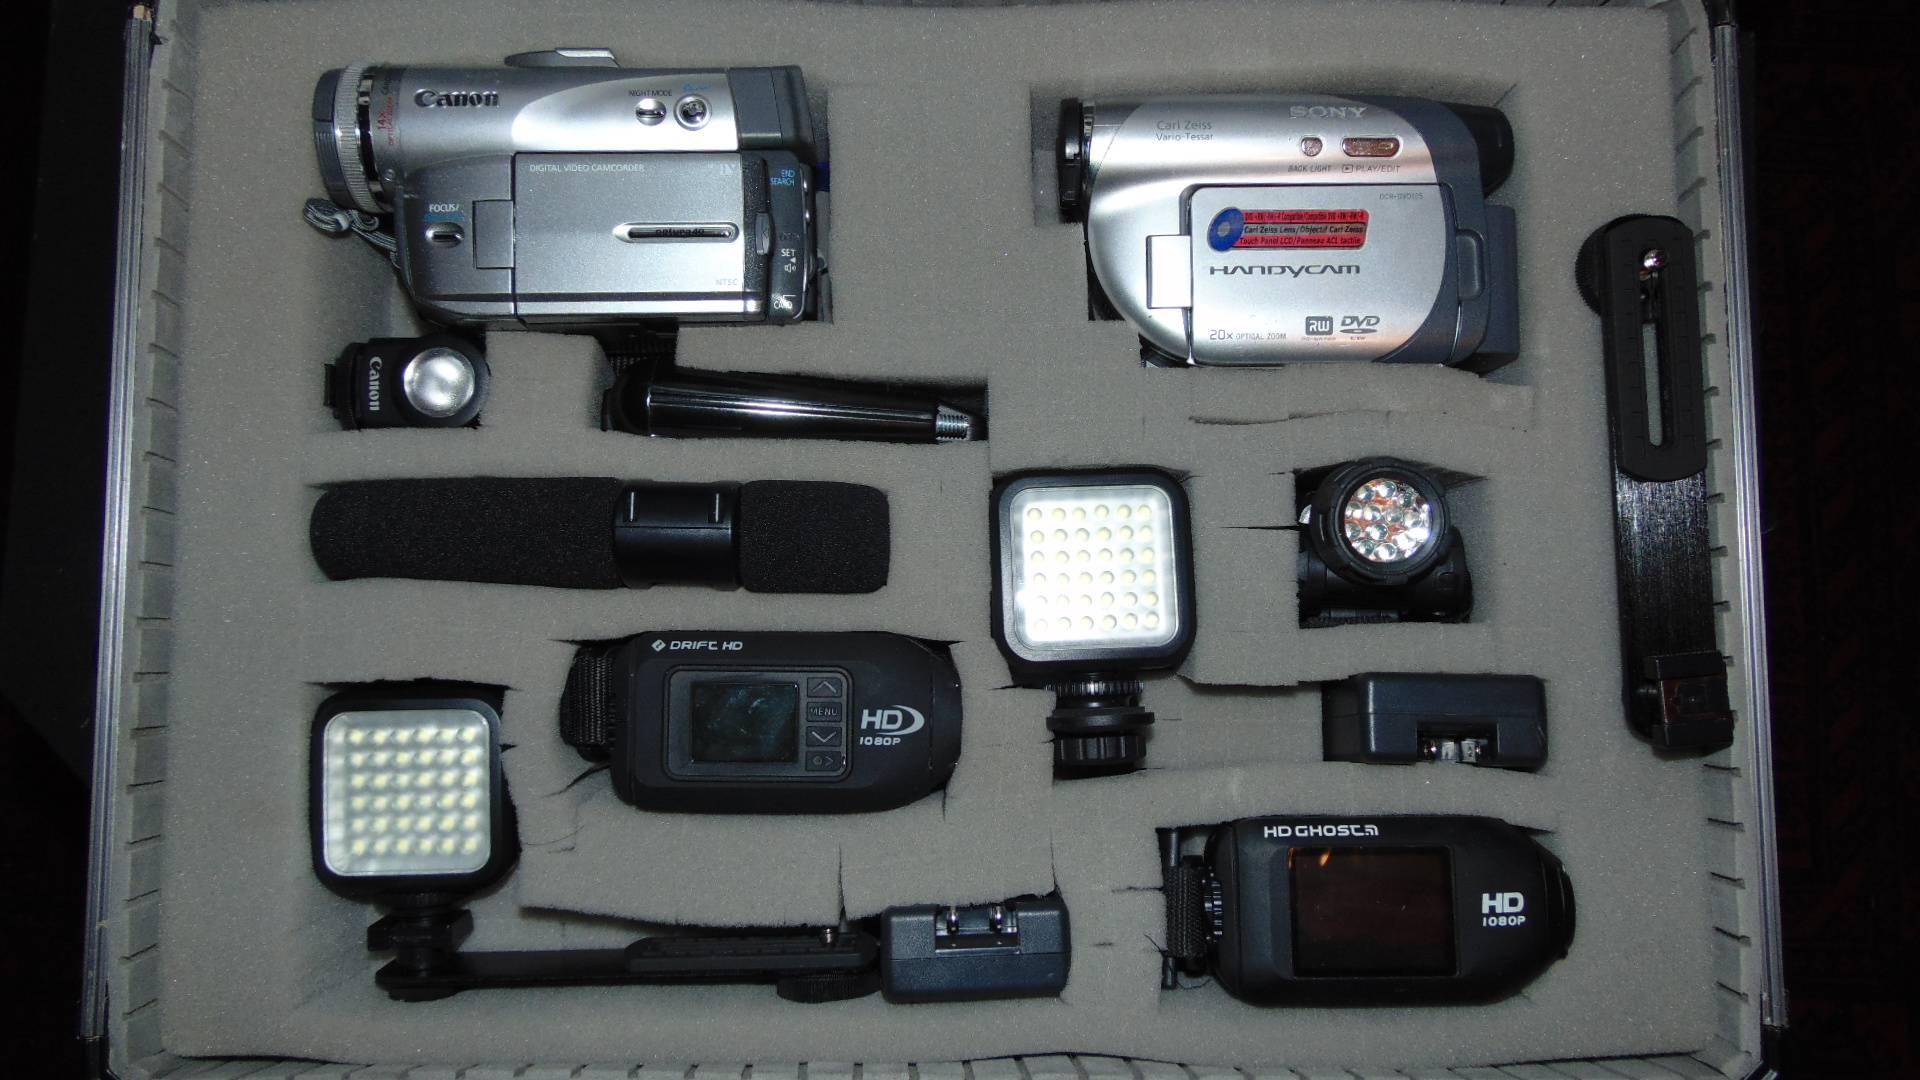 Handheld camcorders & POV action cameras